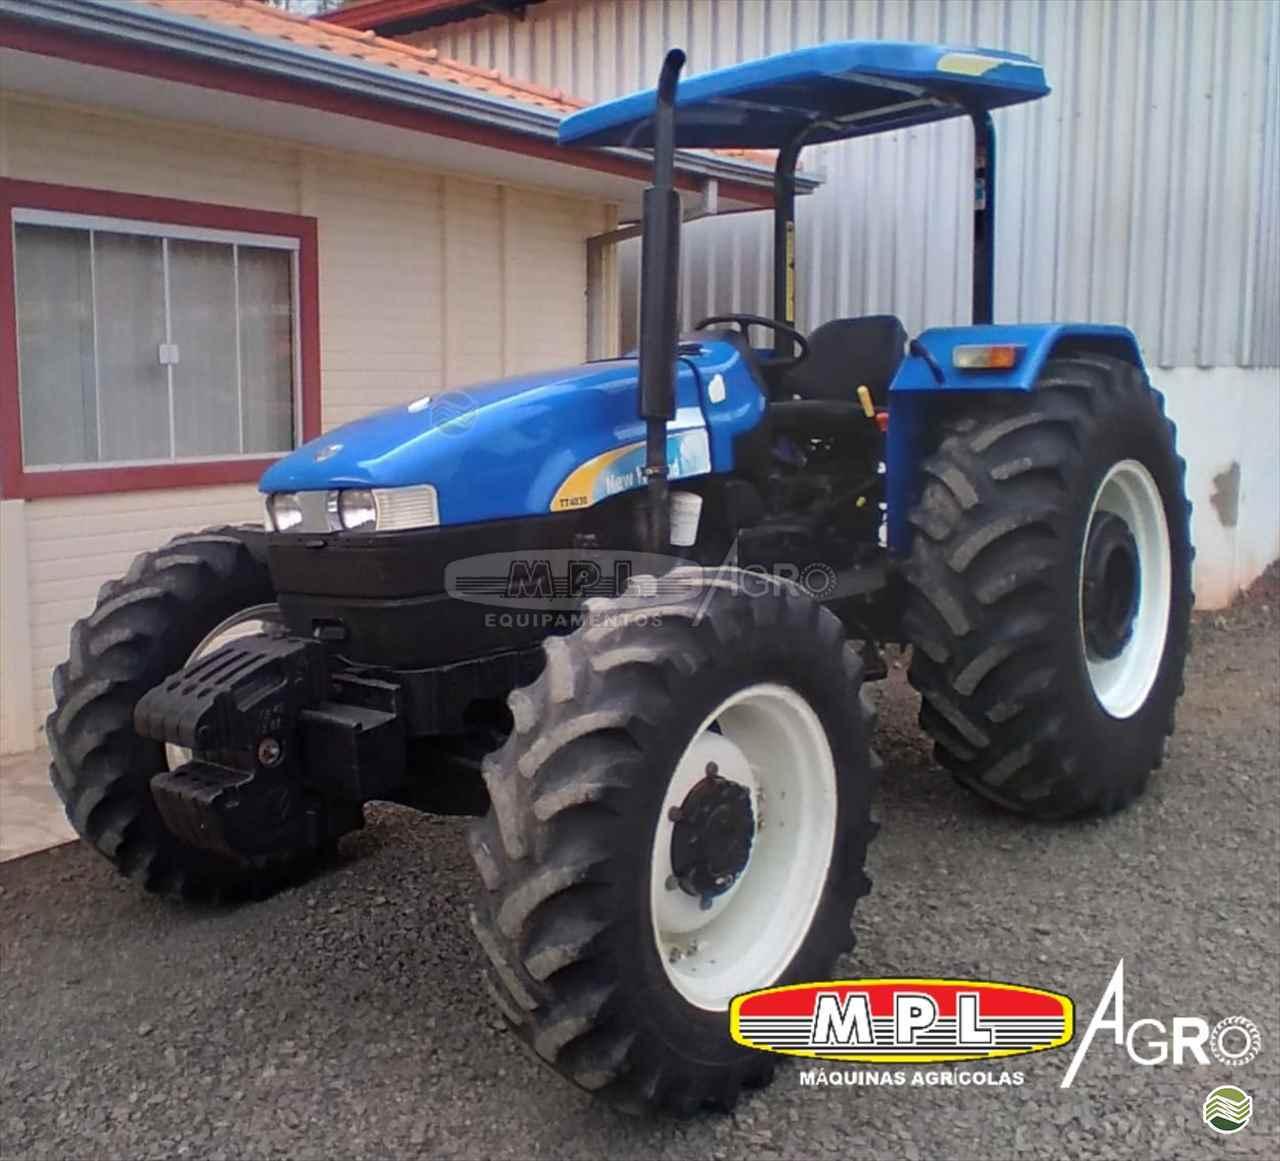 TRATOR NEW HOLLAND NEW TT 4030 Tração 4x4 MPL Agro - Máquinas Agrícolas IRATI PARANÁ PR